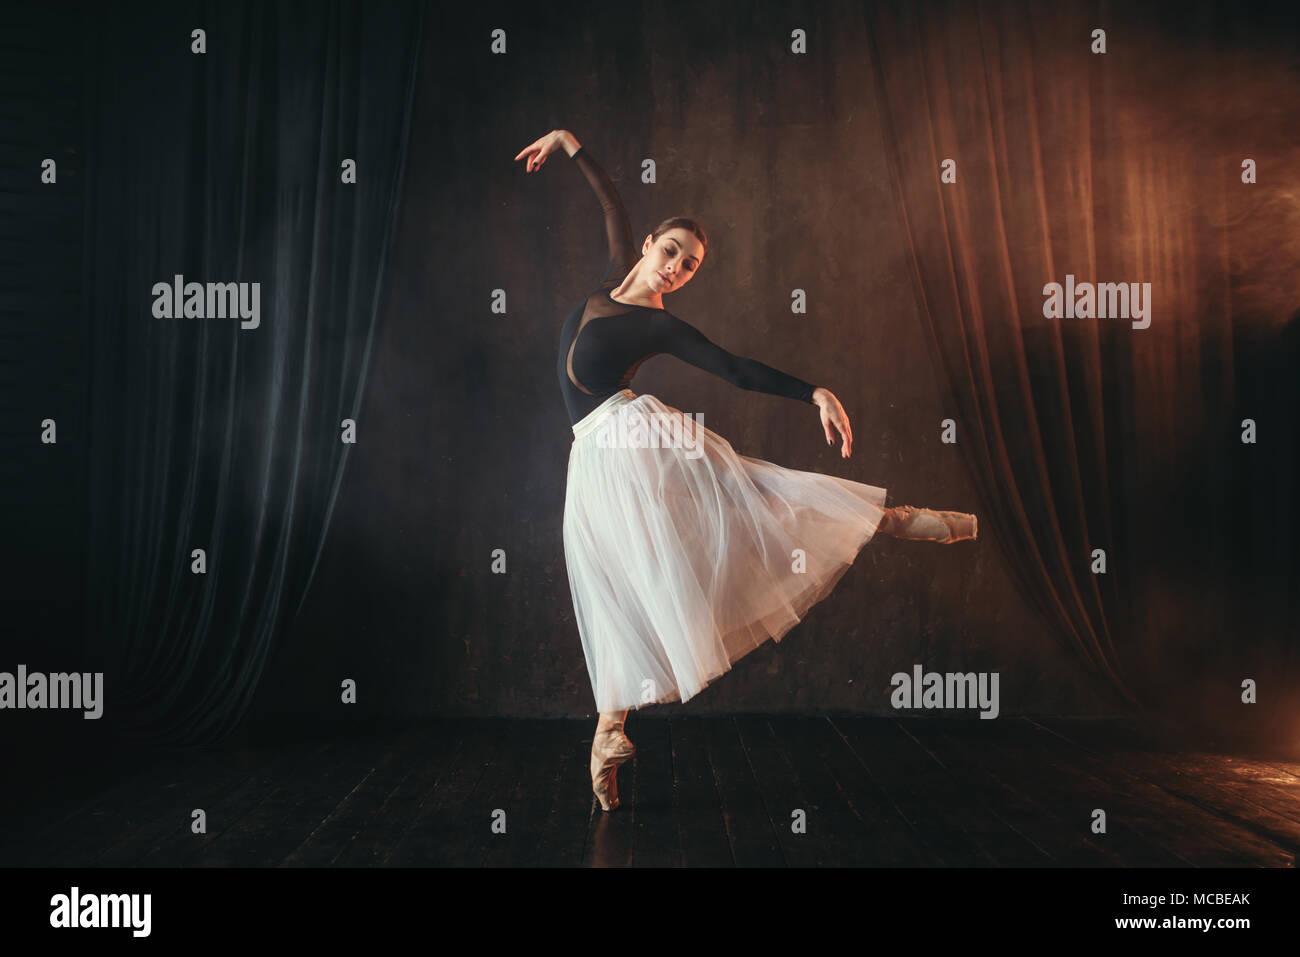 Danseuse de ballet classique en mouvement sur la scène Photo Stock